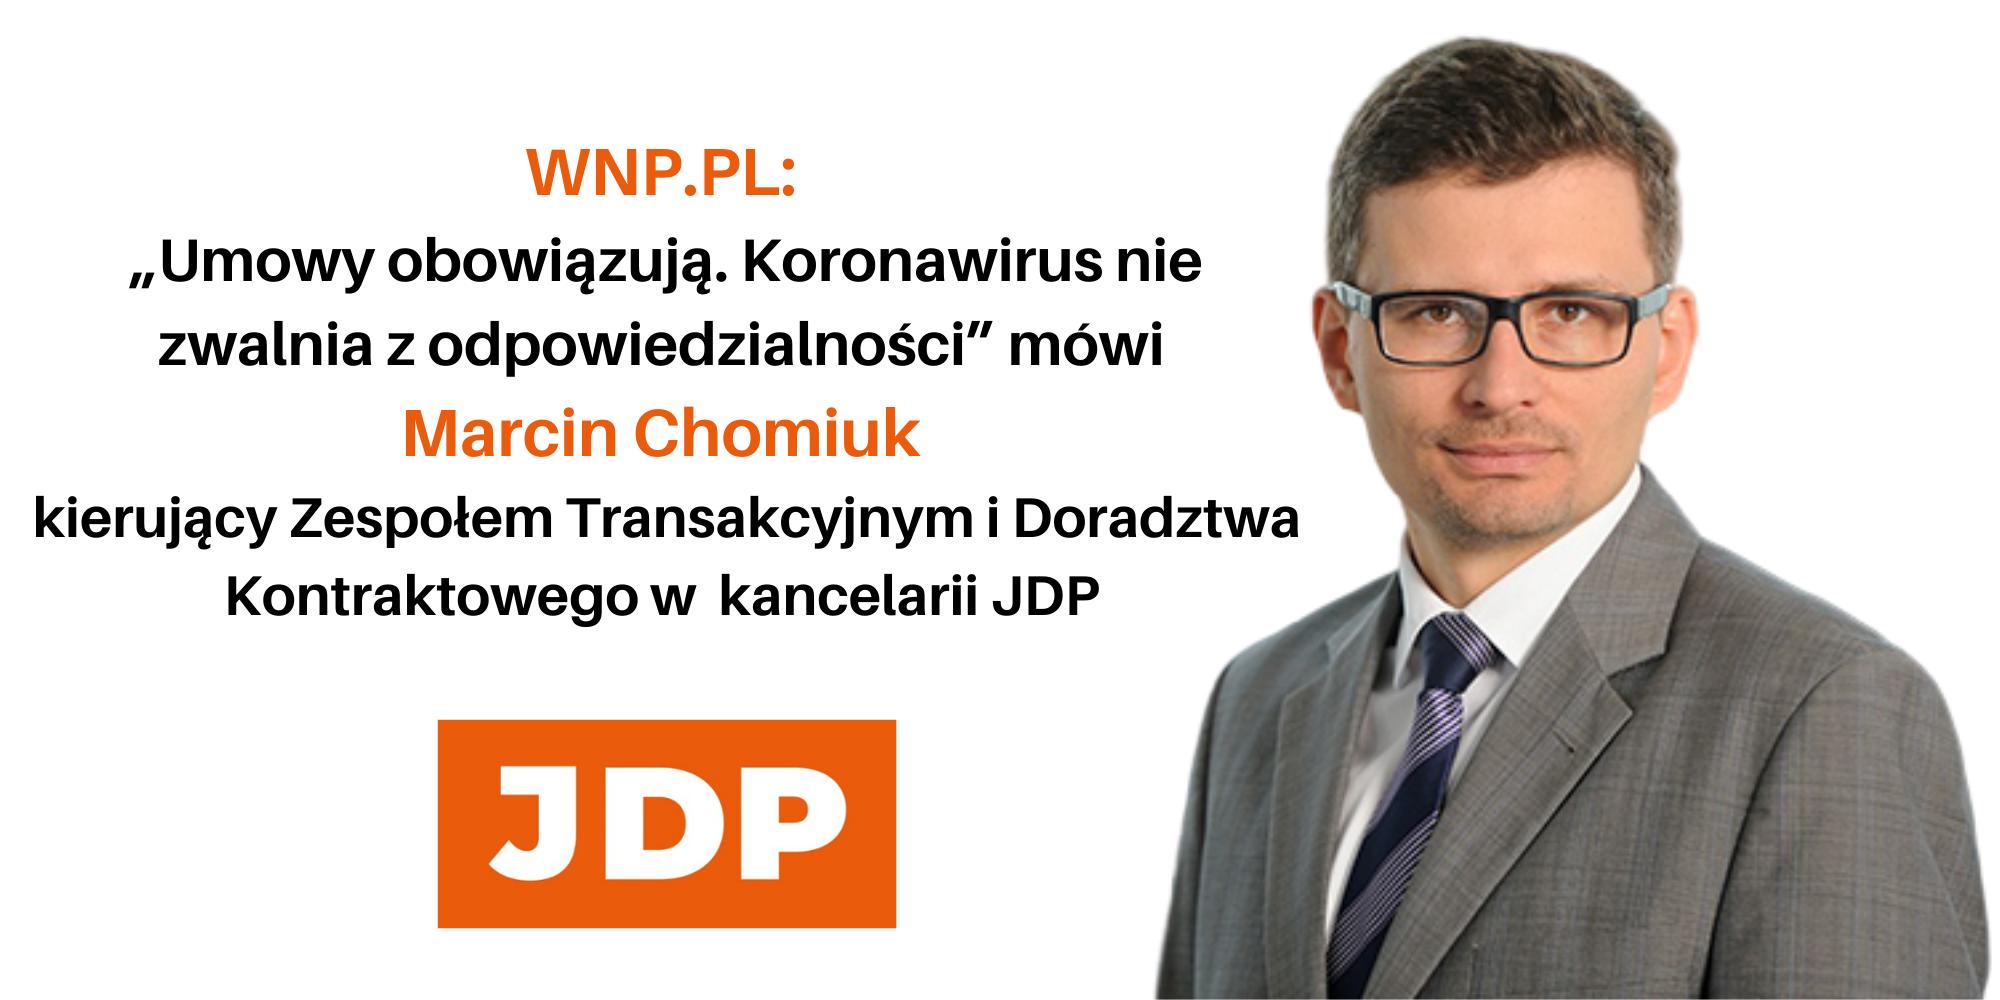 Mec. Marcin Chomiuk dla WNP.pl: Umowy obowiązują. Koronawirus nie zwalnia z odpowiedzialności